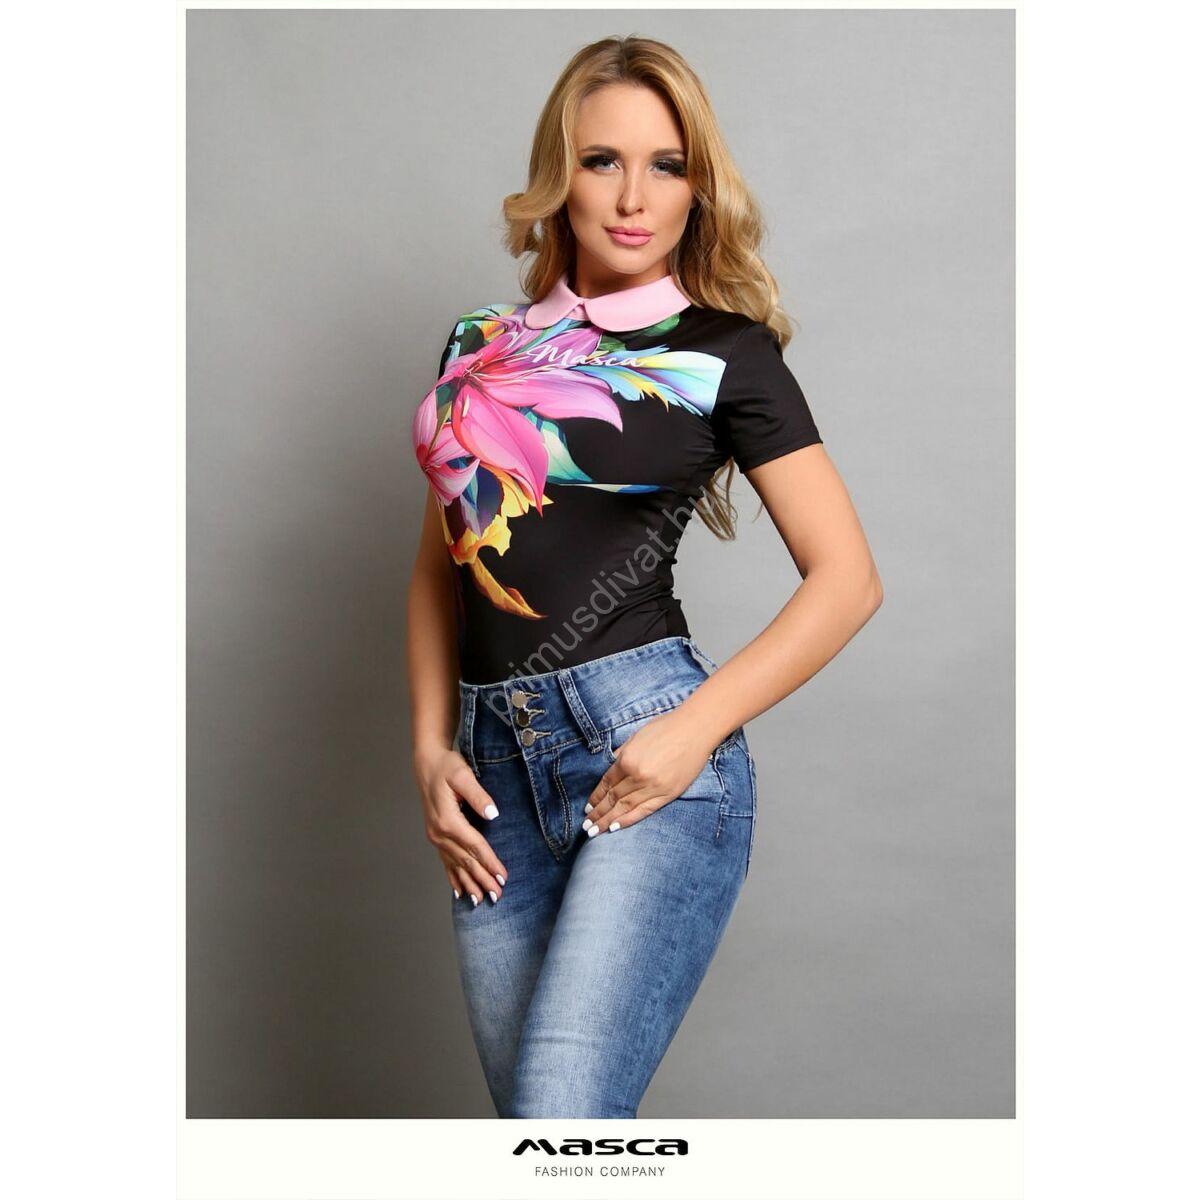 Masca Fashion rózsaszín galléros rövid ujjú, színes liliommintás fekete szűk felső